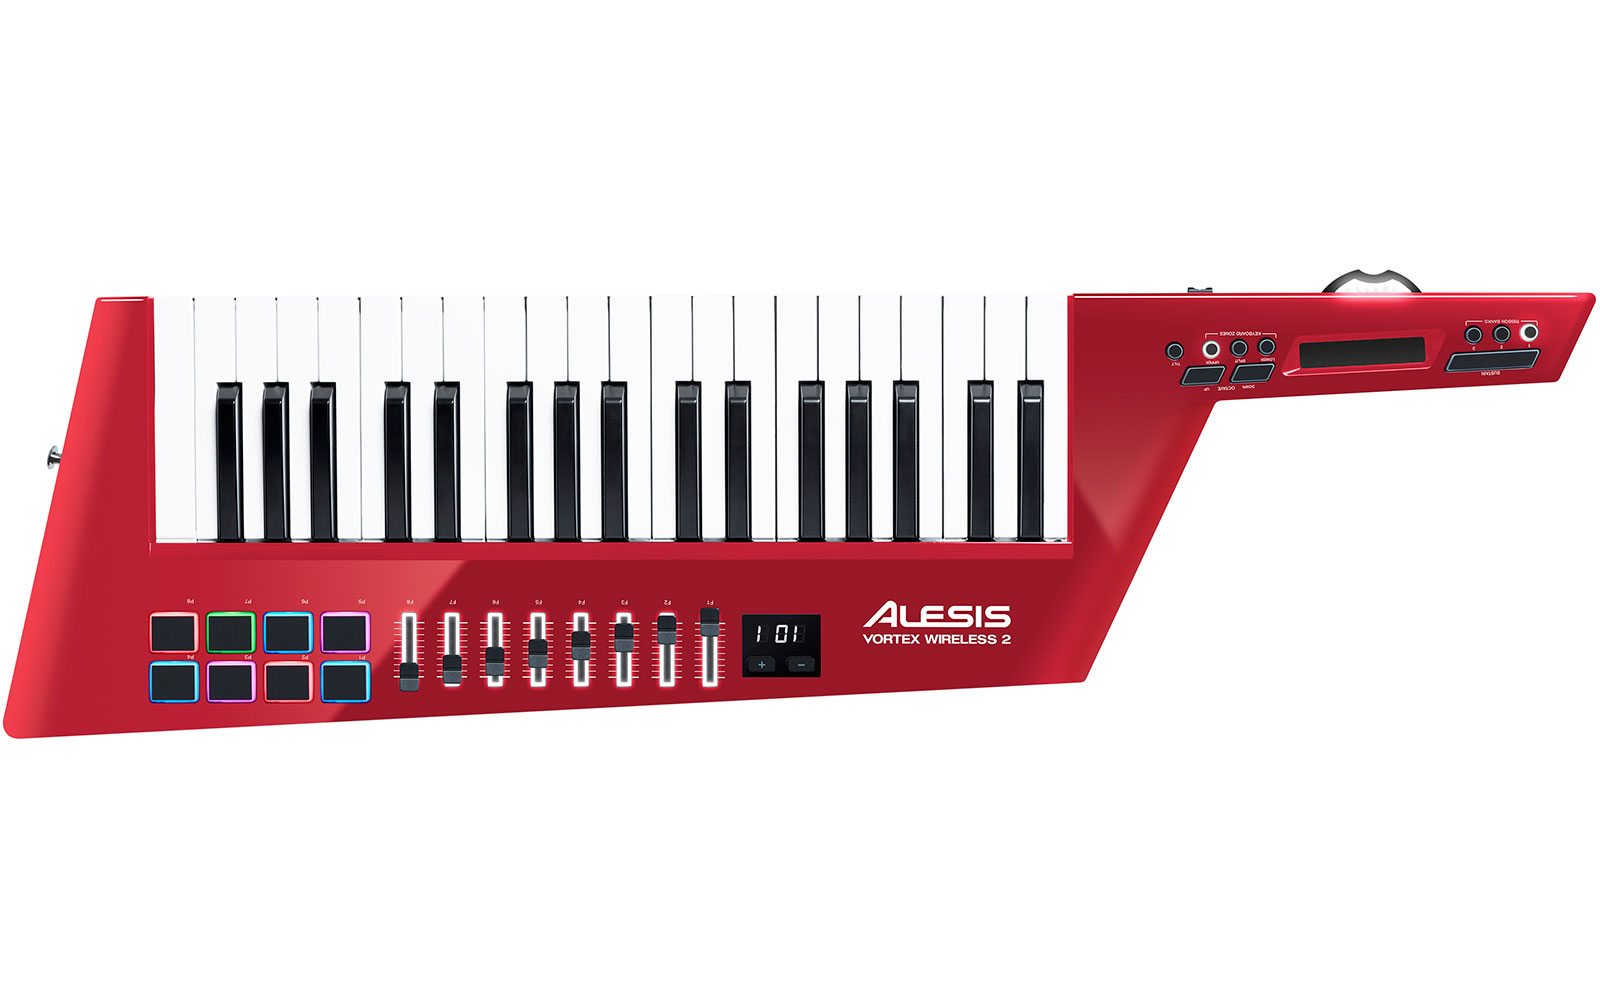 alesis-vortex-wireless-2-limited-edition-red